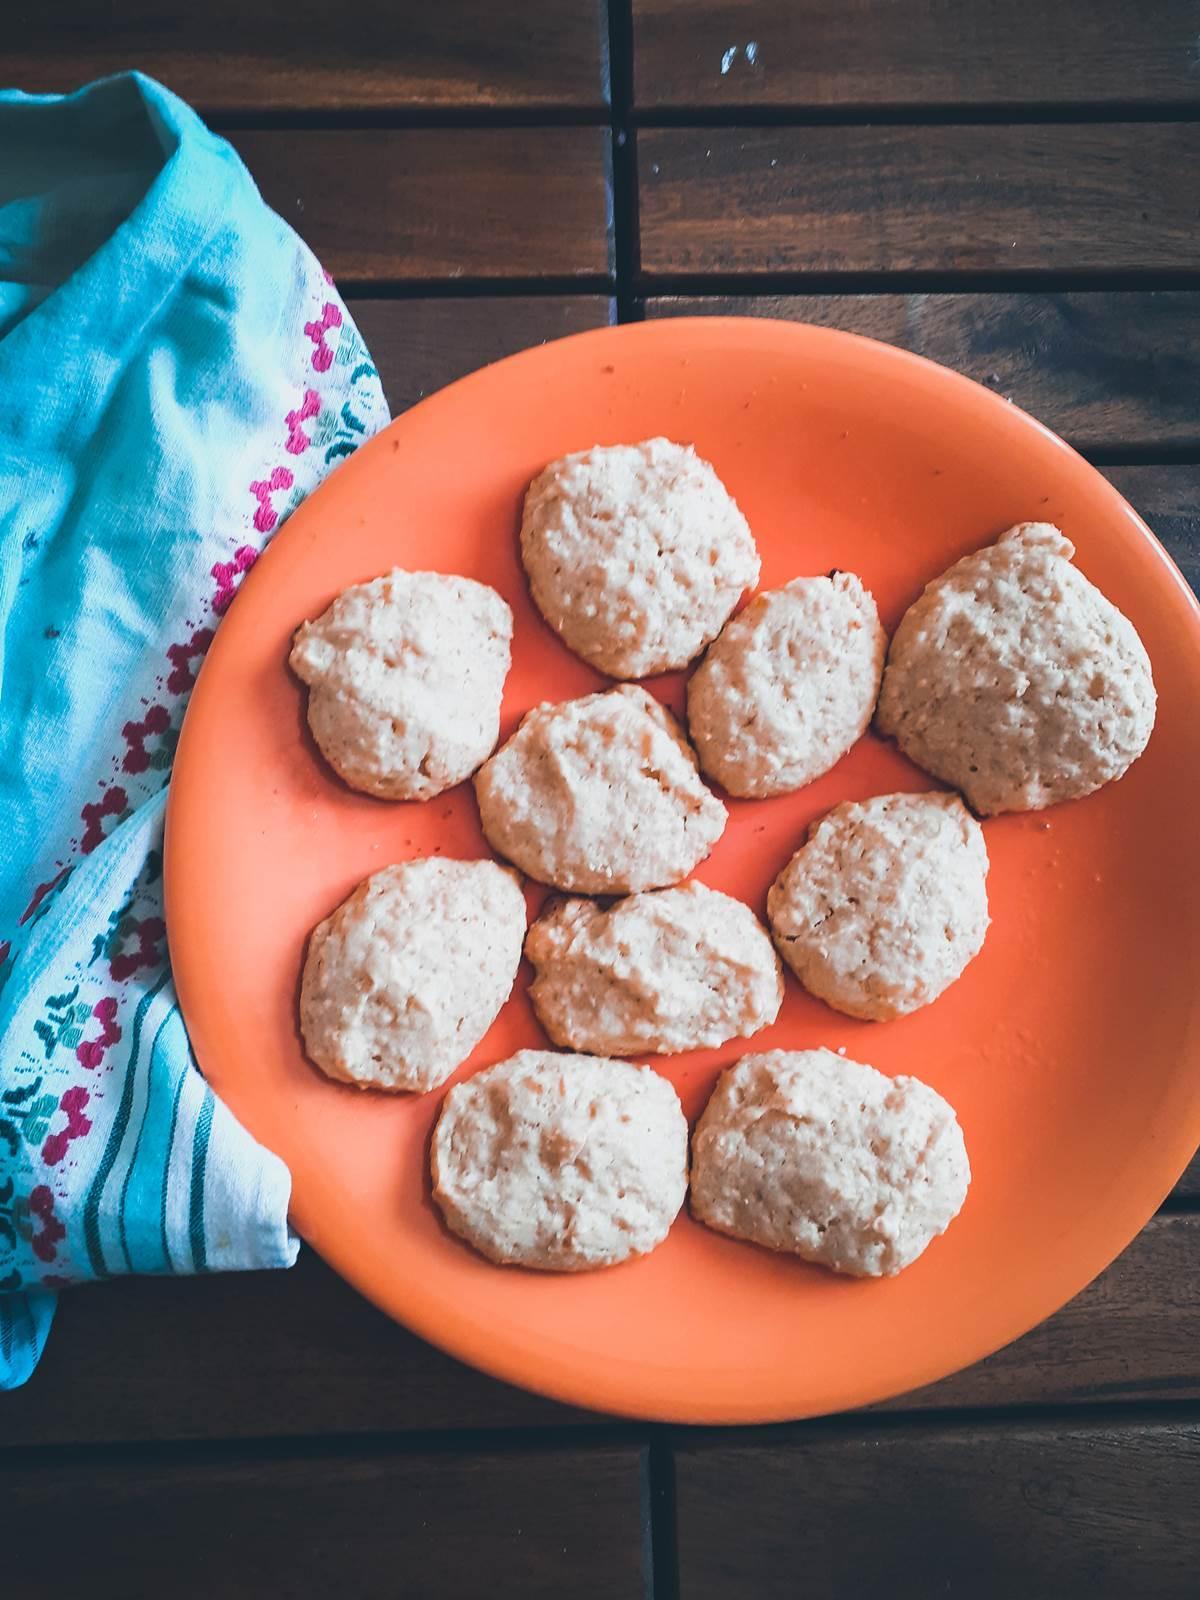 La recette des biscuits aux pois chichespsx 20210418 120843